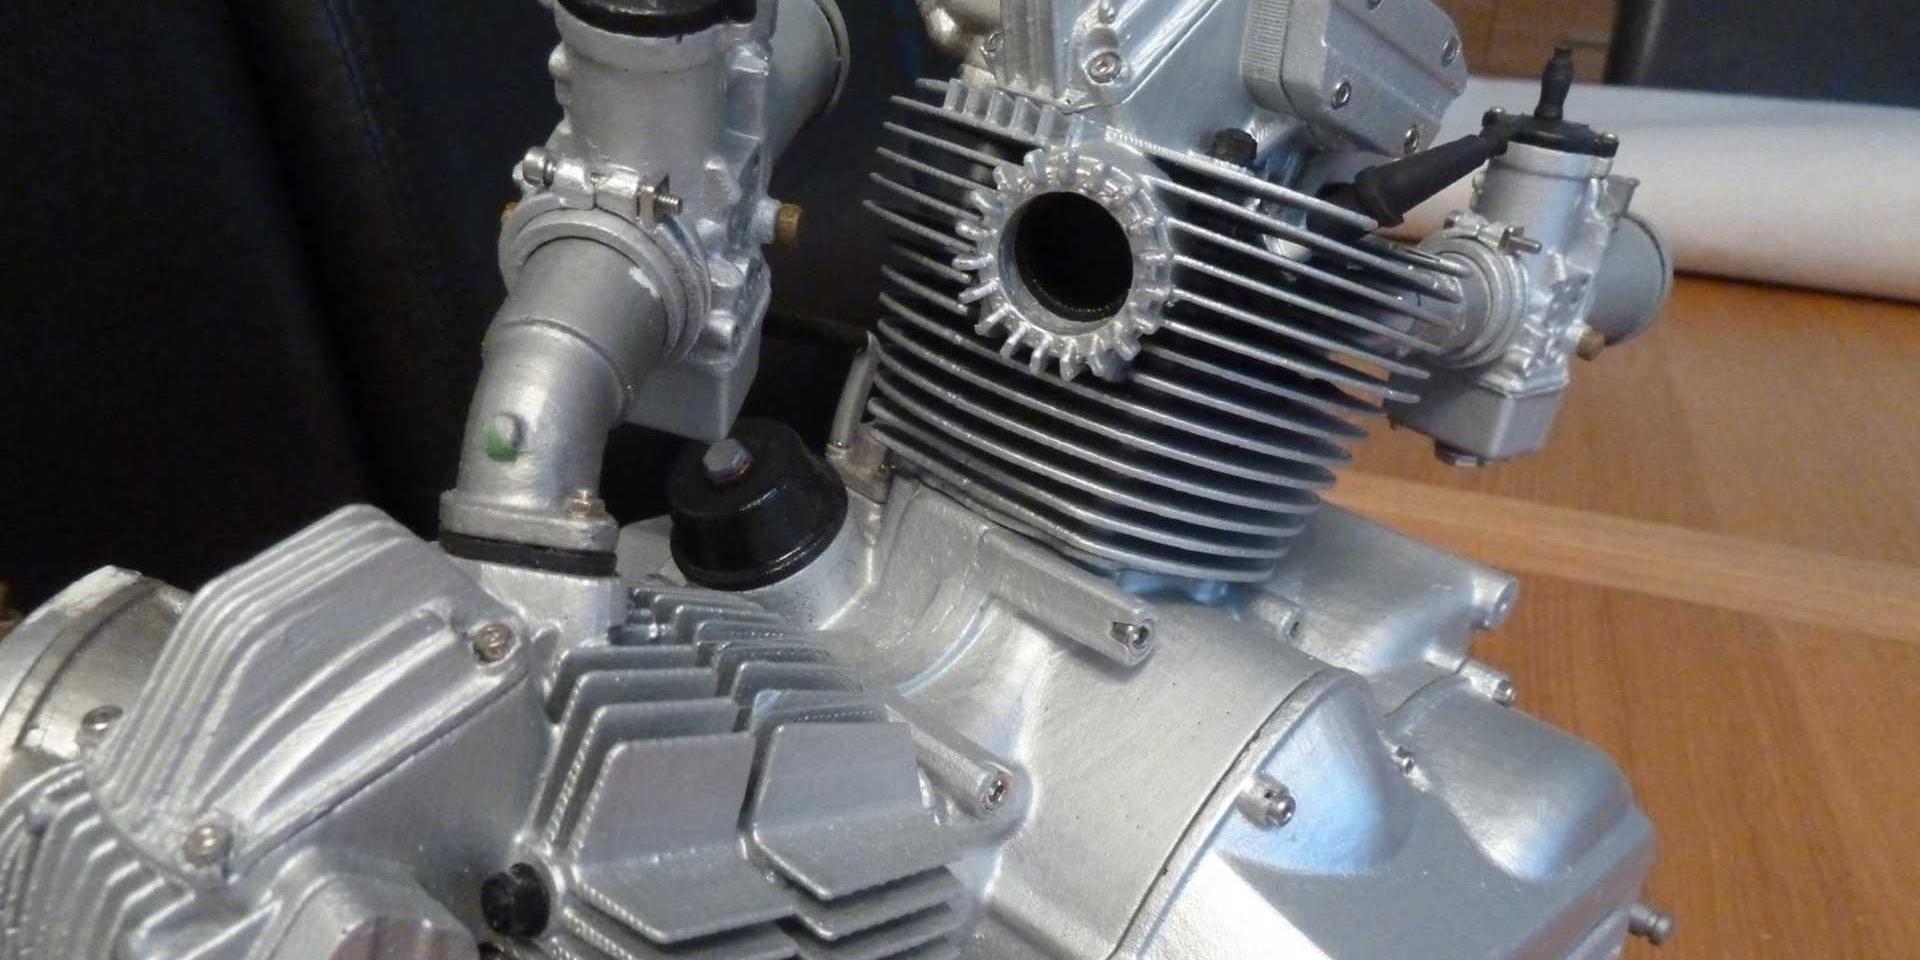 依照原始設計圖手工製作!Moto-Miniatures DUCATI L-Twin雙缸引擎模型